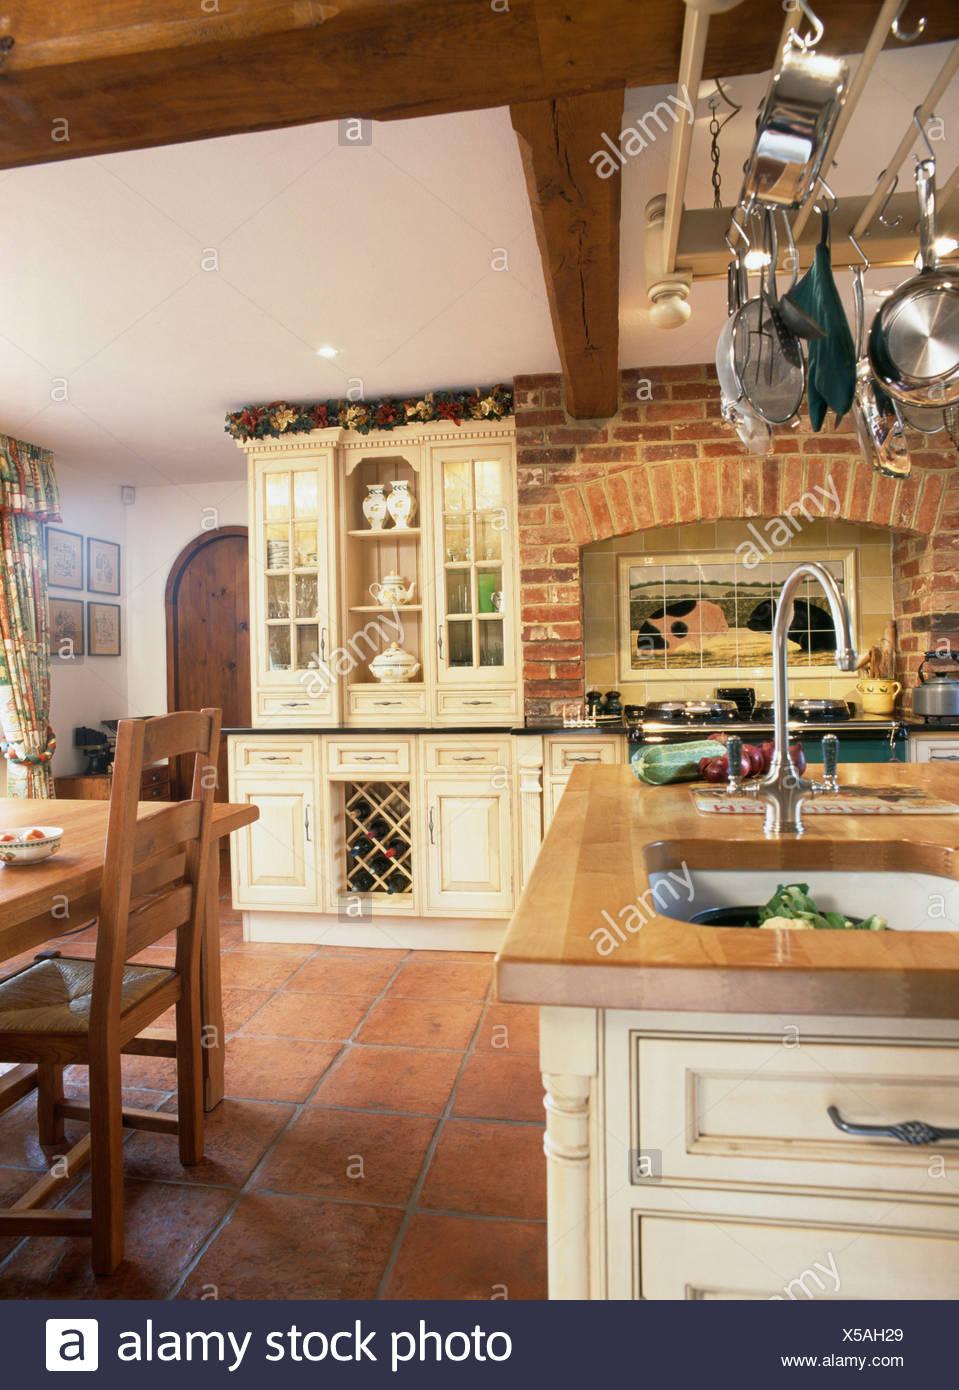 Terracottafliesen und Backstein Mauer im Landhaus-Küche mit ...